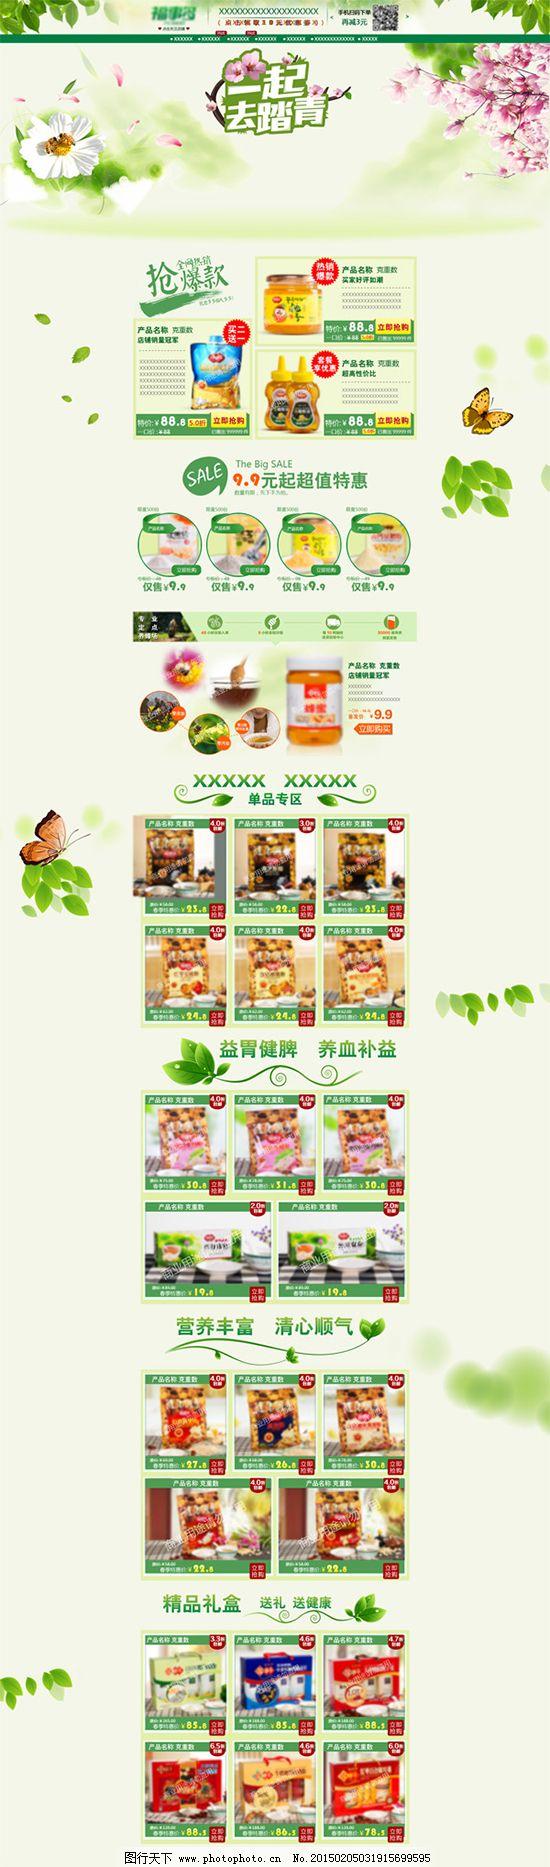 零食钜惠模板 零食钜惠模板免费下载 促销 淘宝 炫彩 淘宝素材